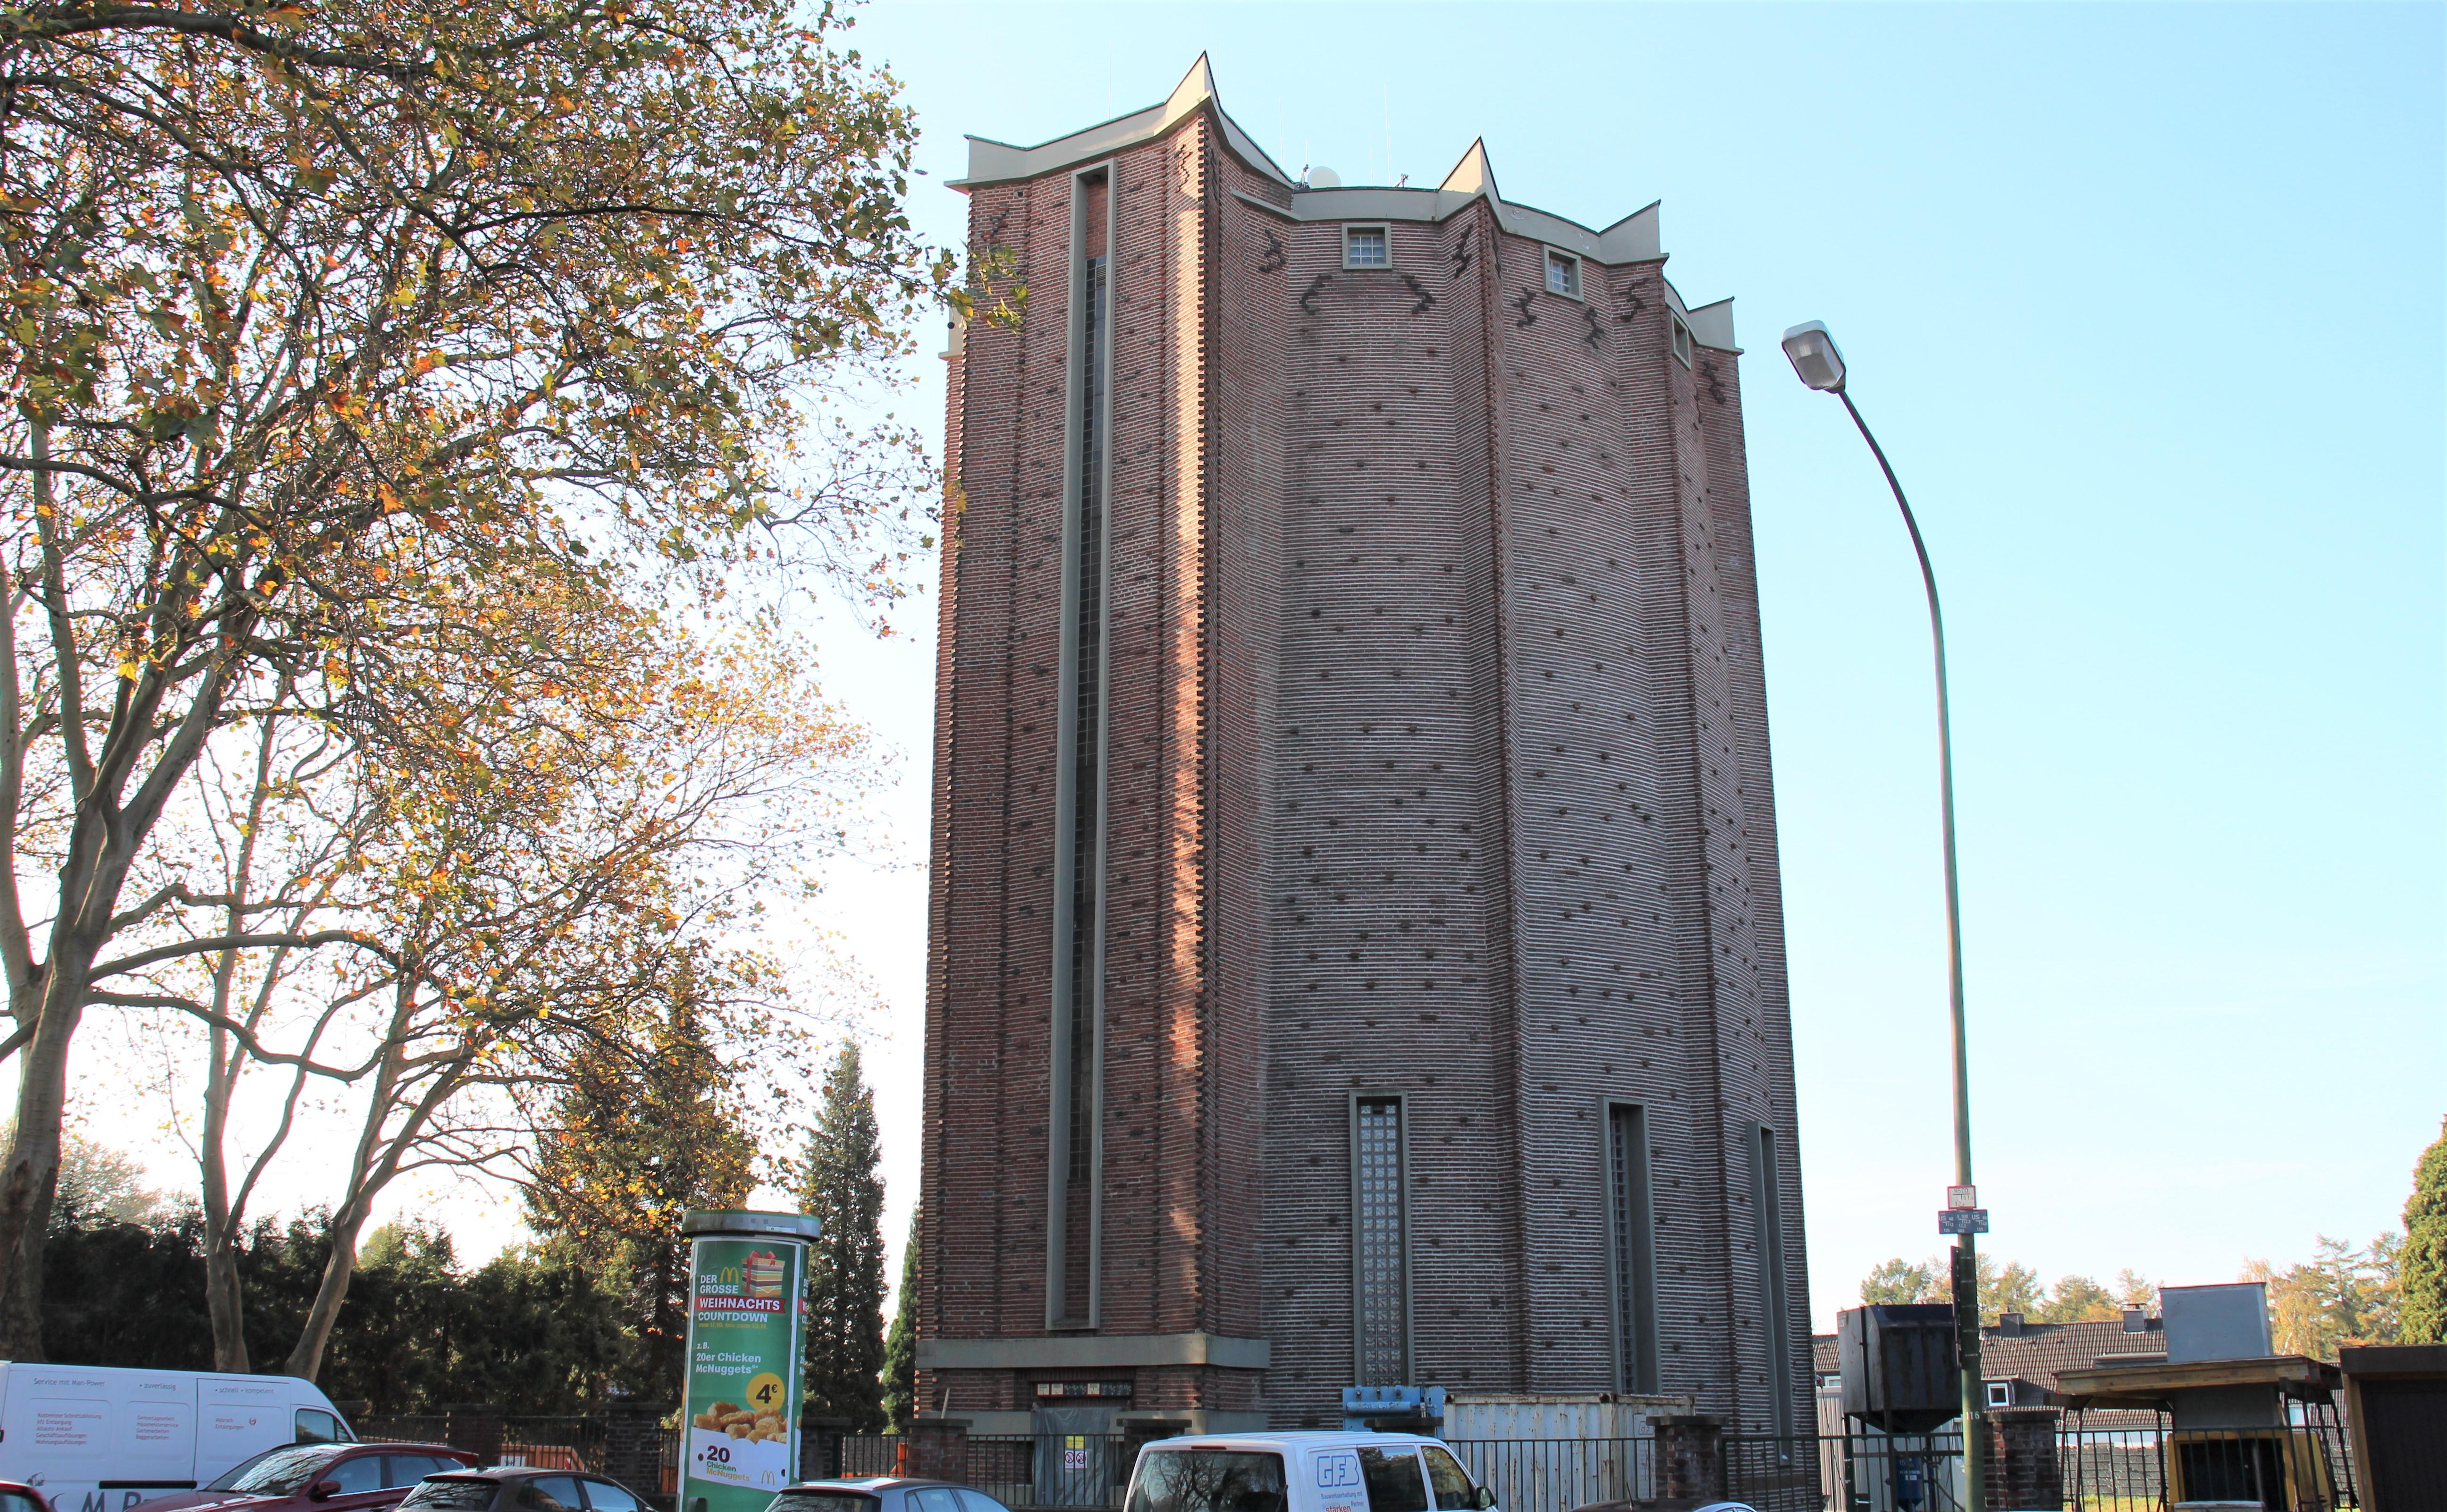 Wasserturm in Frillendorf mit Fassaden in Ziegelmauerwerk